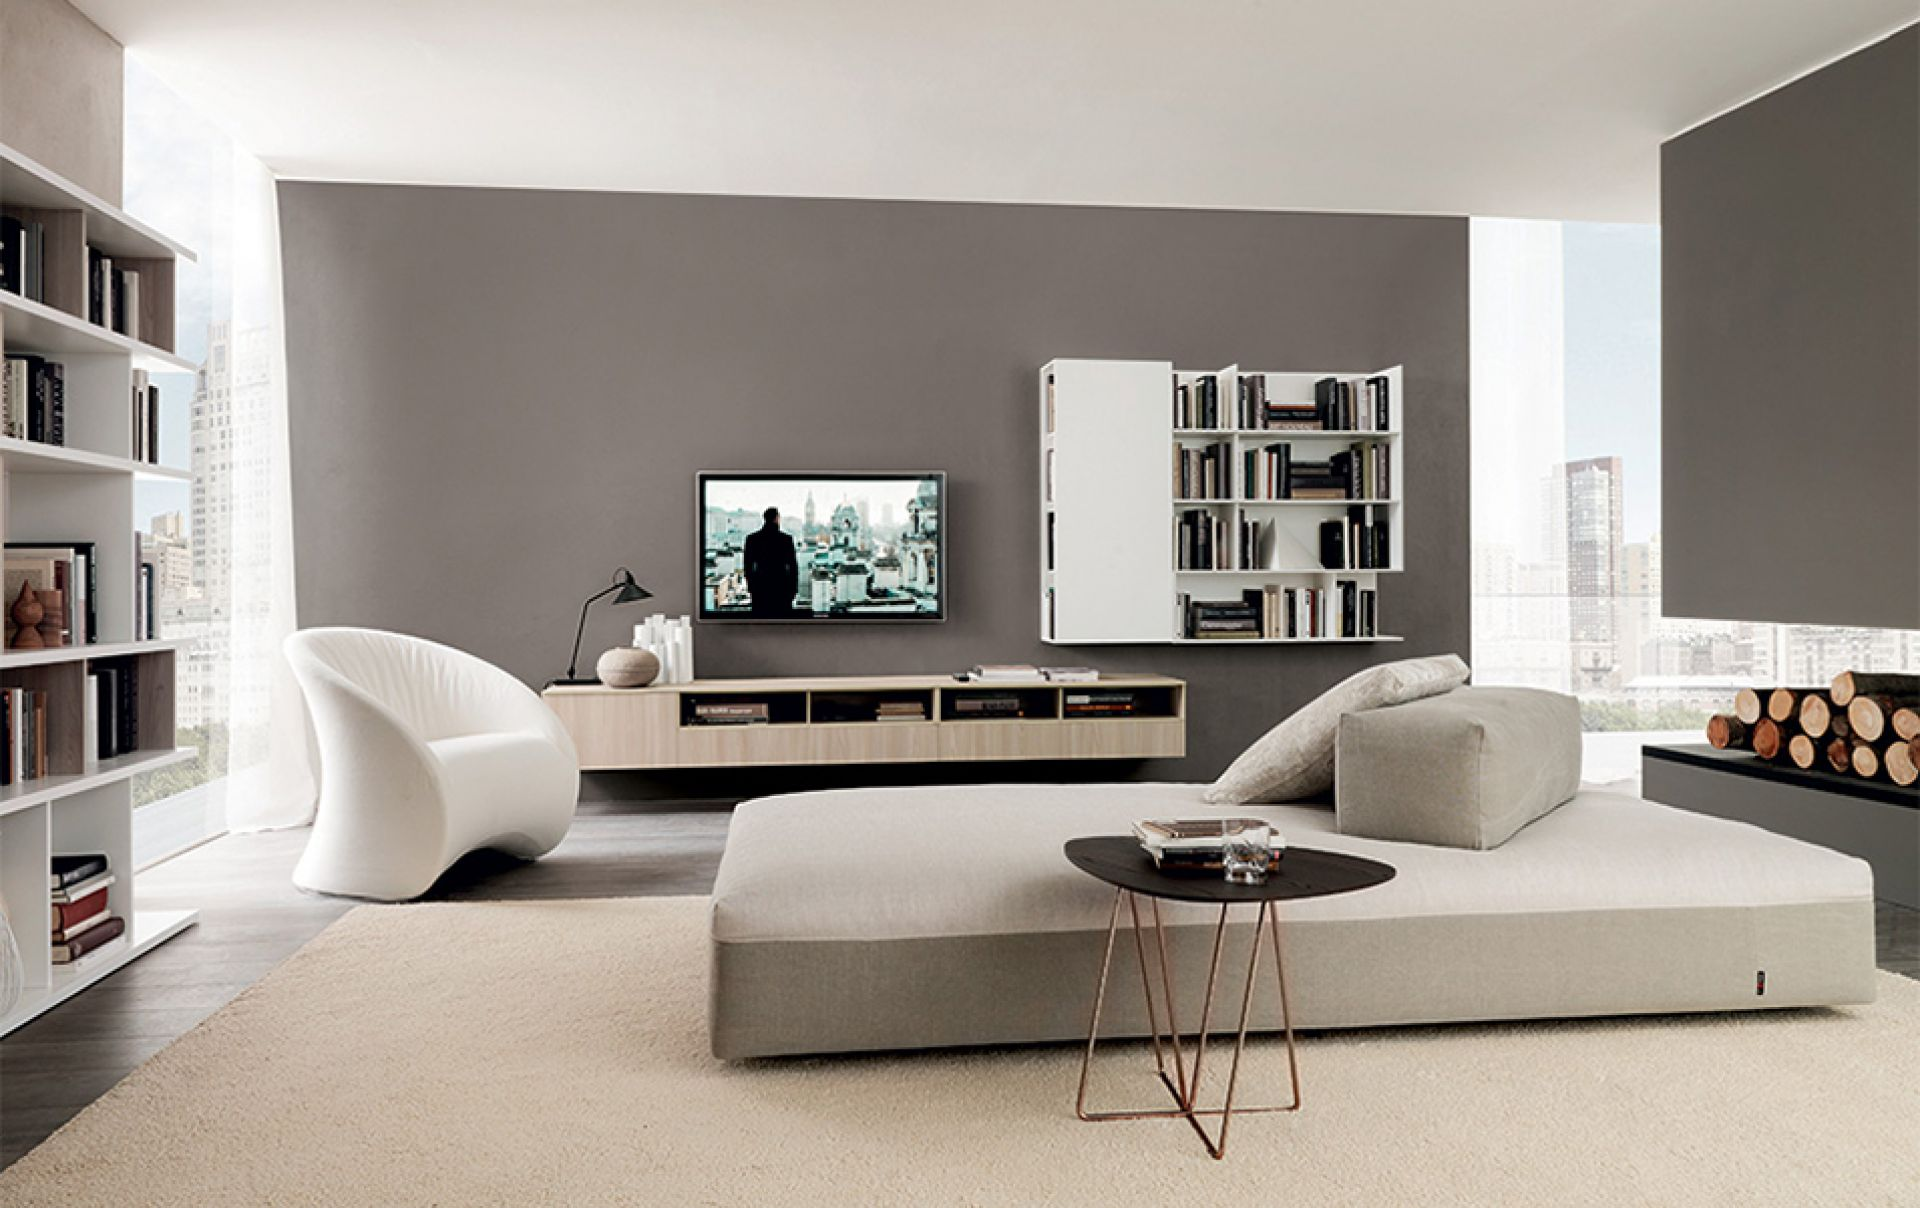 Best foto di soggiorni moderni gallery house design - Immagini soggiorni moderni ...